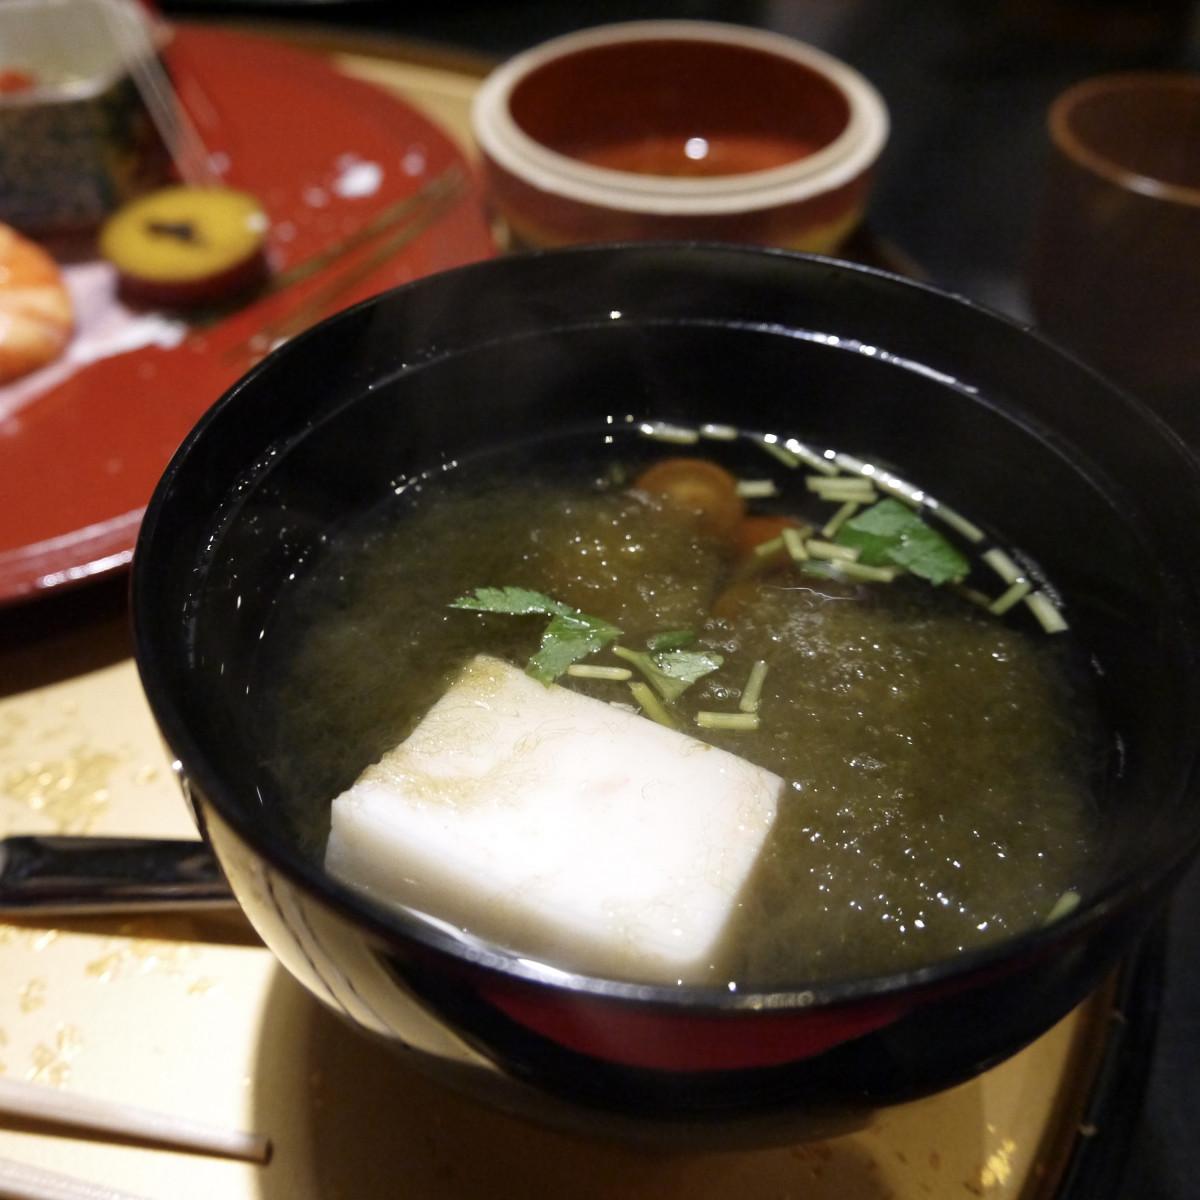 【女子旅】蟹とエステと日本酒と♡吉祥やまなかレポート後編_1_2